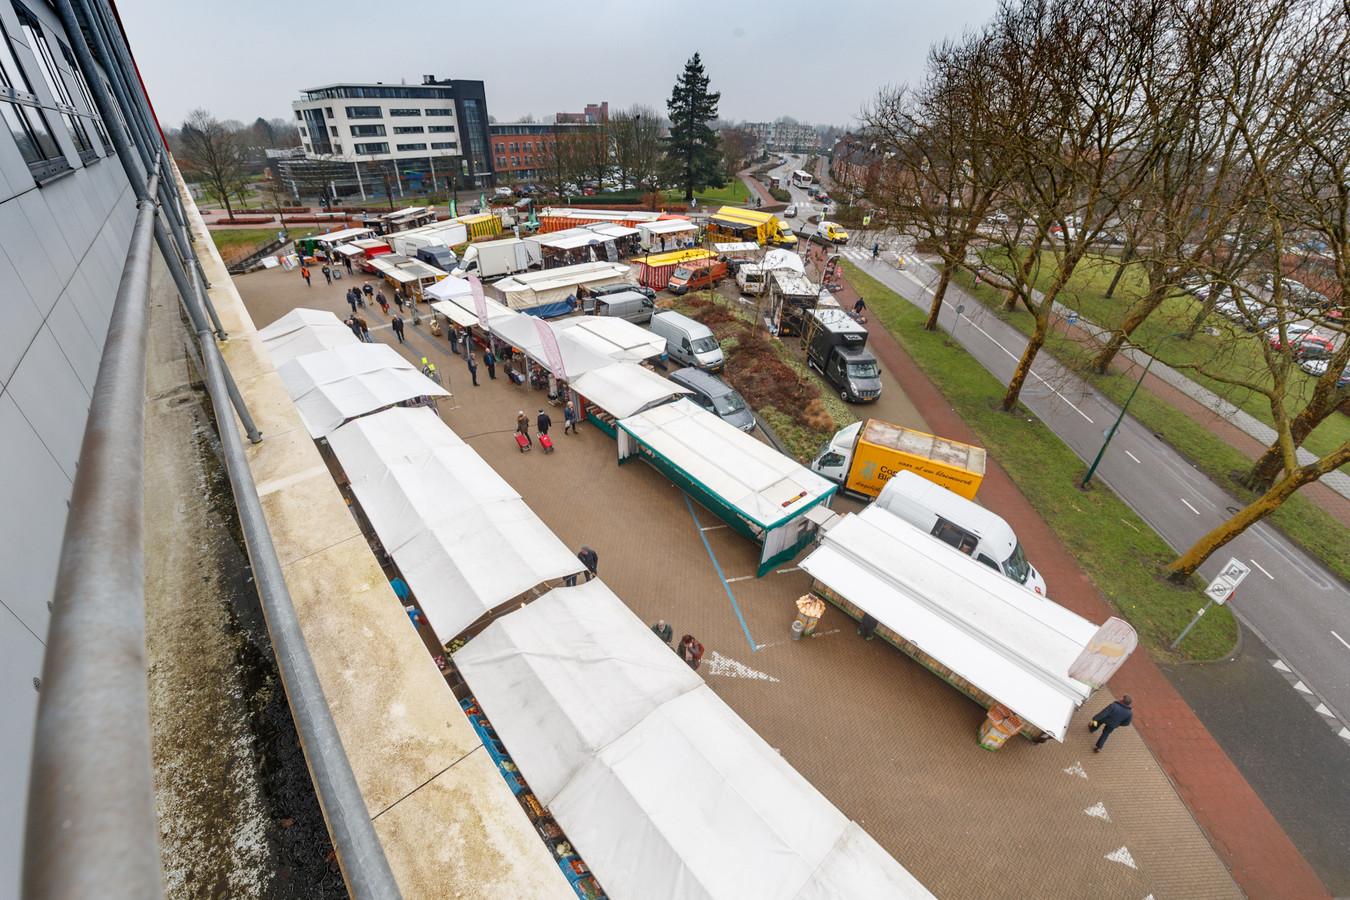 De weekmarkt van Zevenbergen is begin vorig jaar verplaatst naar het plein voor het gemeentehuis.